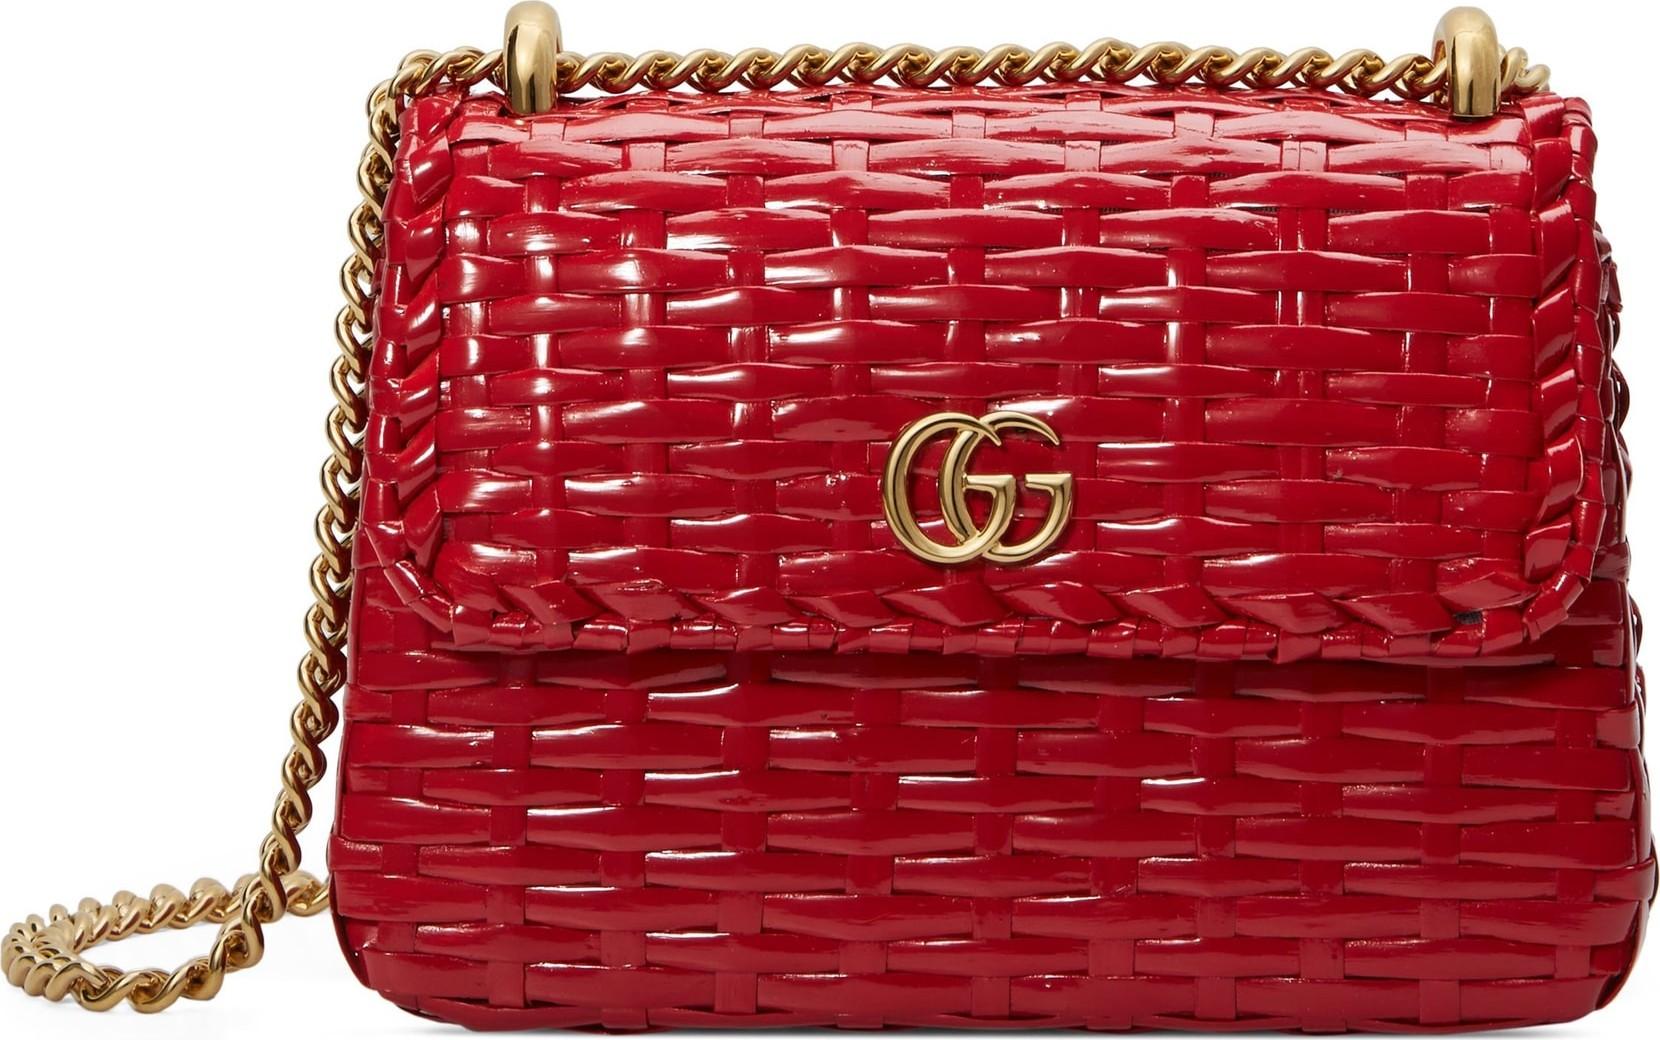 f73128a8664 Gucci Small Linea Cestino Glazed Wicker Shoulder Bag - Mkt